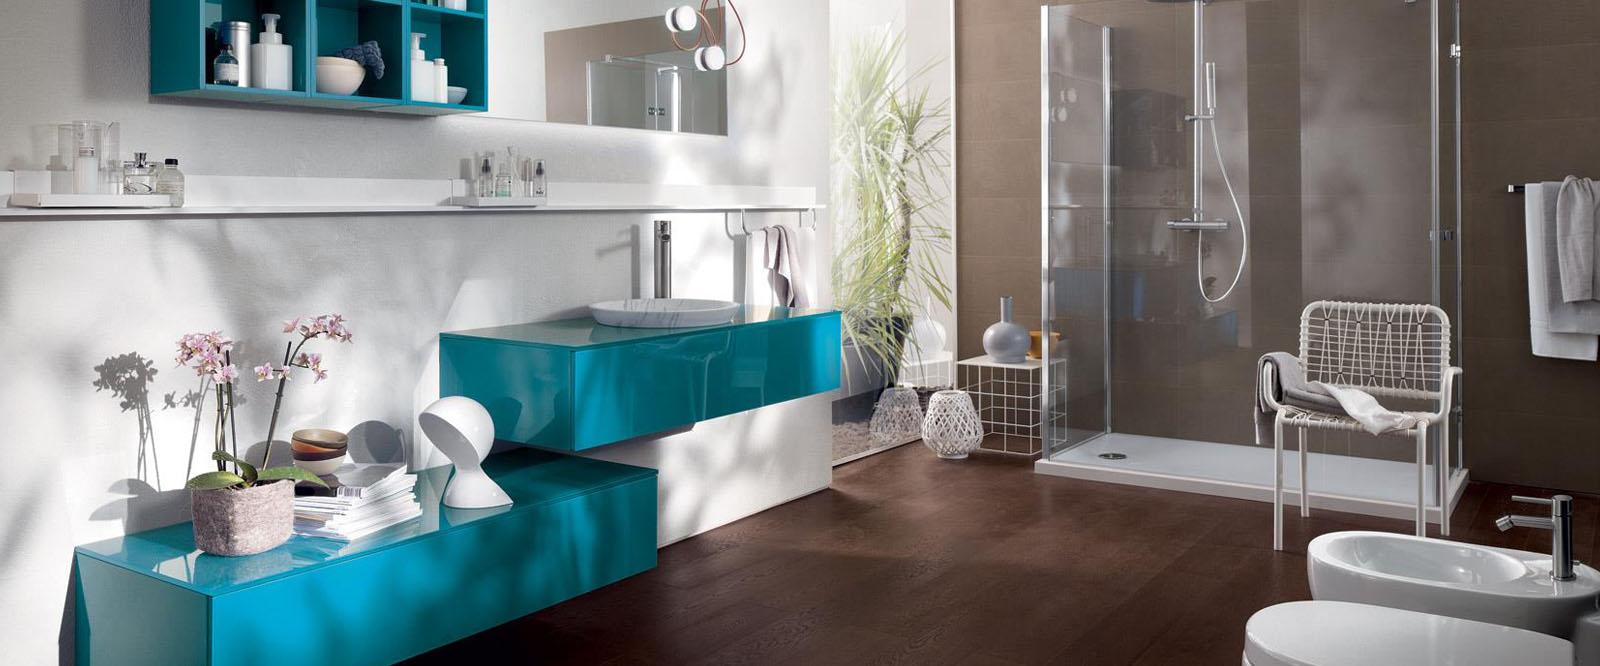 mobili da bagno | npz ceramiche - Arredo Bagno Lanciano